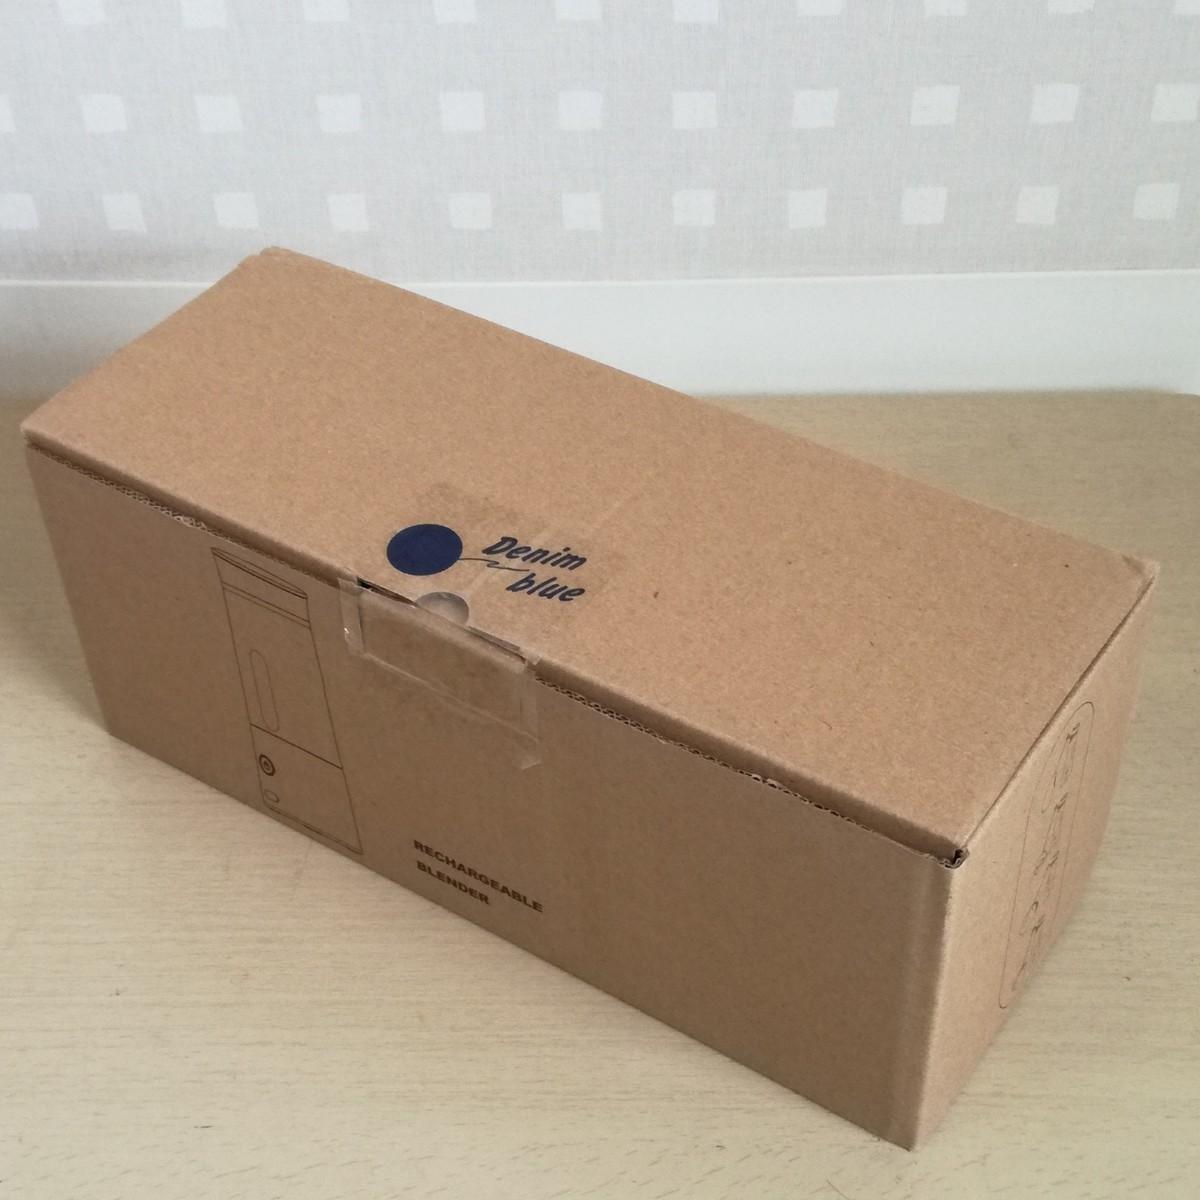 ジューサー ミキサー 小型 ジュースミキサー 400mlボトル USB充電タイプ ミニブレンダー (ブルー) 箱付属